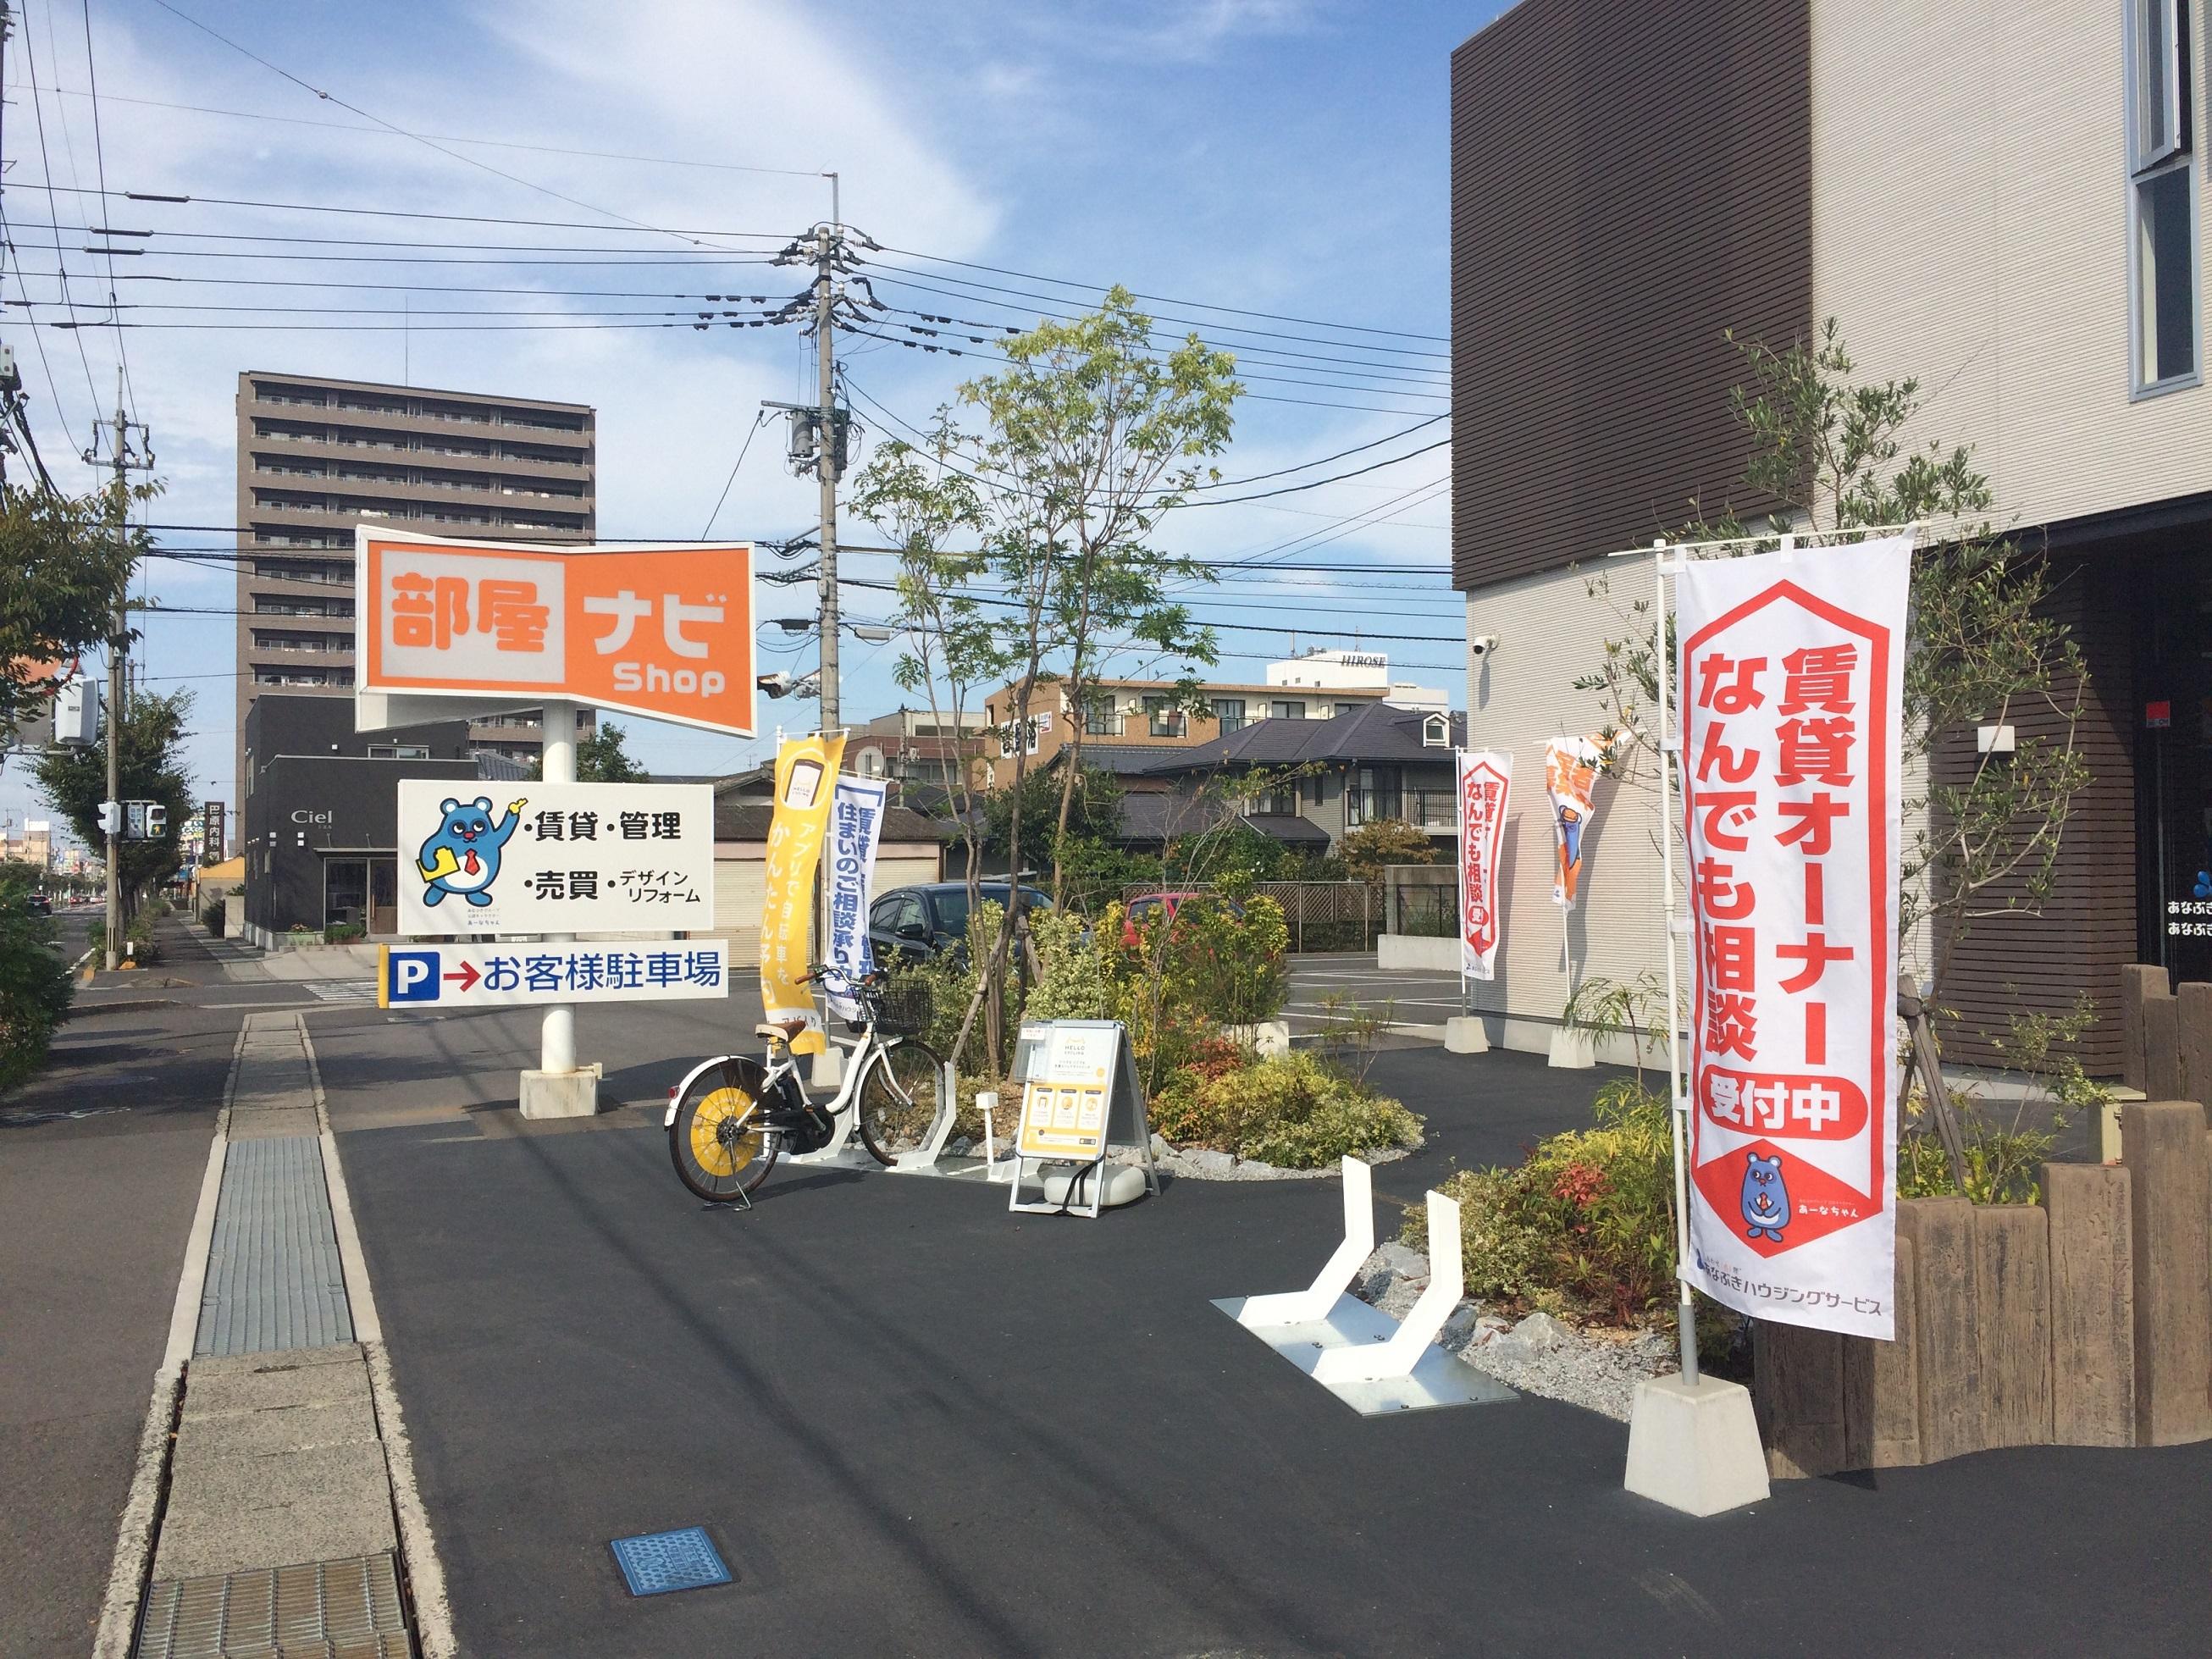 部屋ナビショップ高松支店 (HELLO CYCLING ポート) image